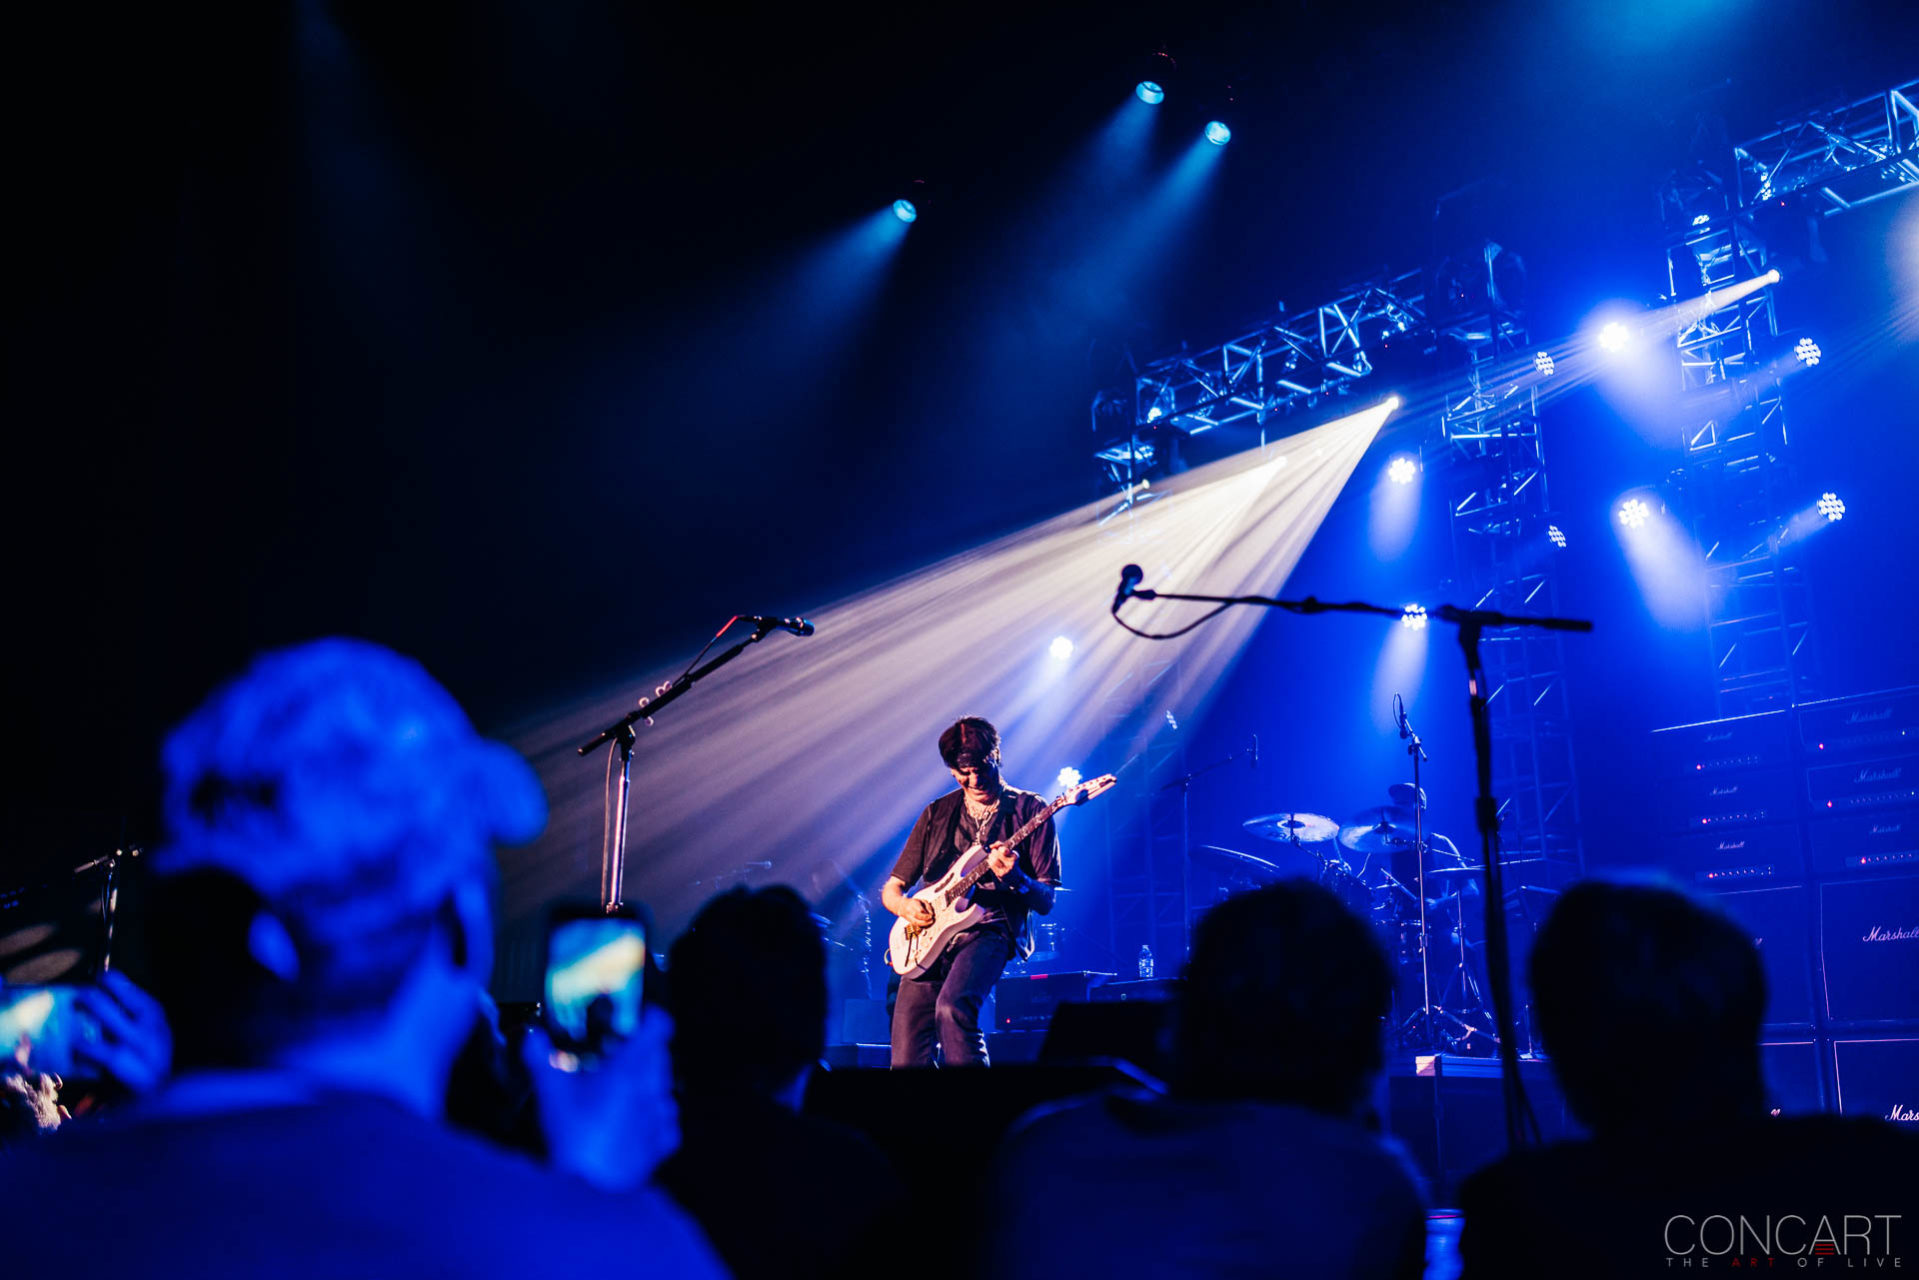 Steve Vai photo by Sean Molin 31